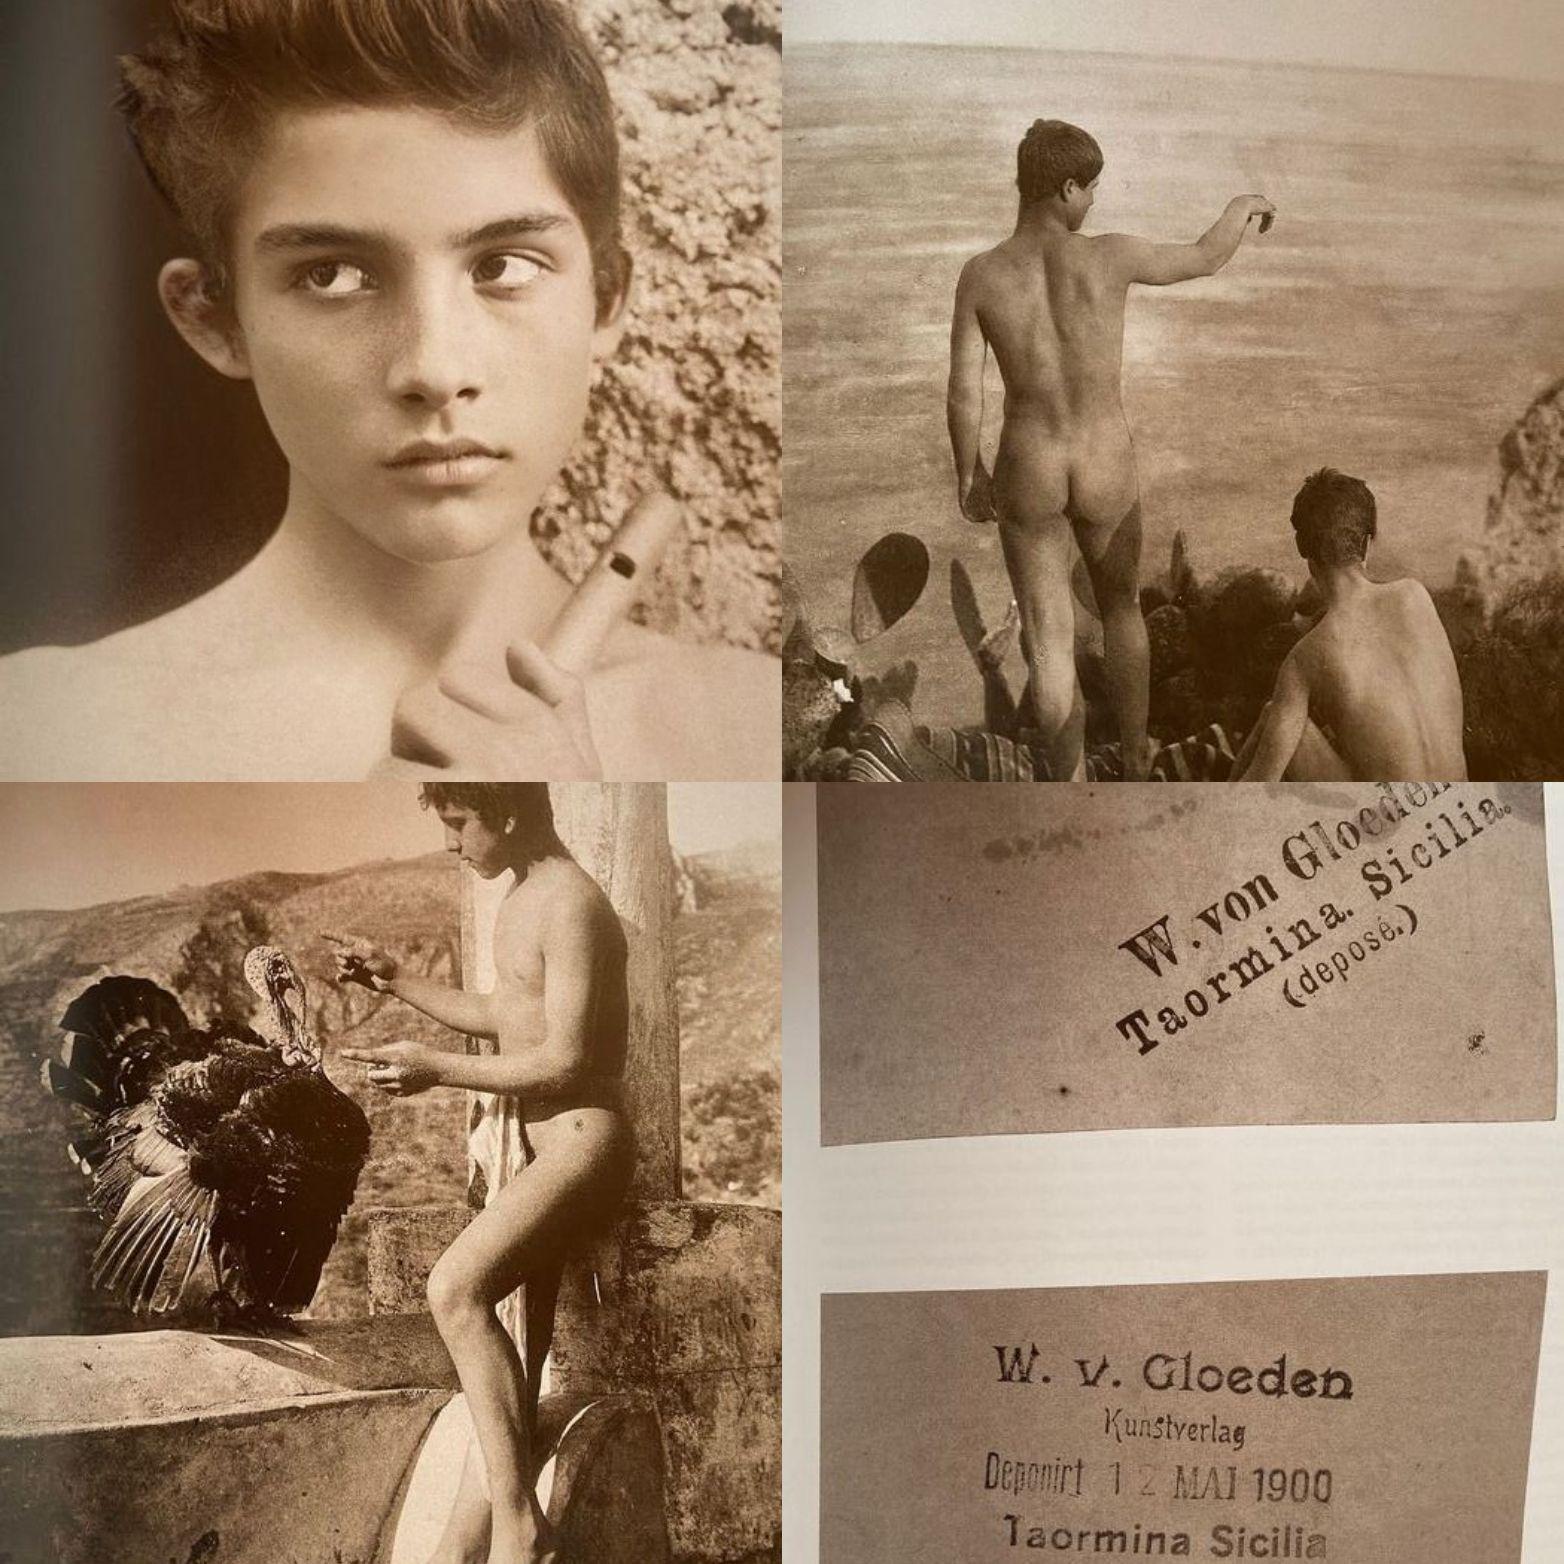 Protetto: Le foto di nudi maschili di Wilhelm von Gloeden nel libro di Annarita Caputo [password: gloeden]